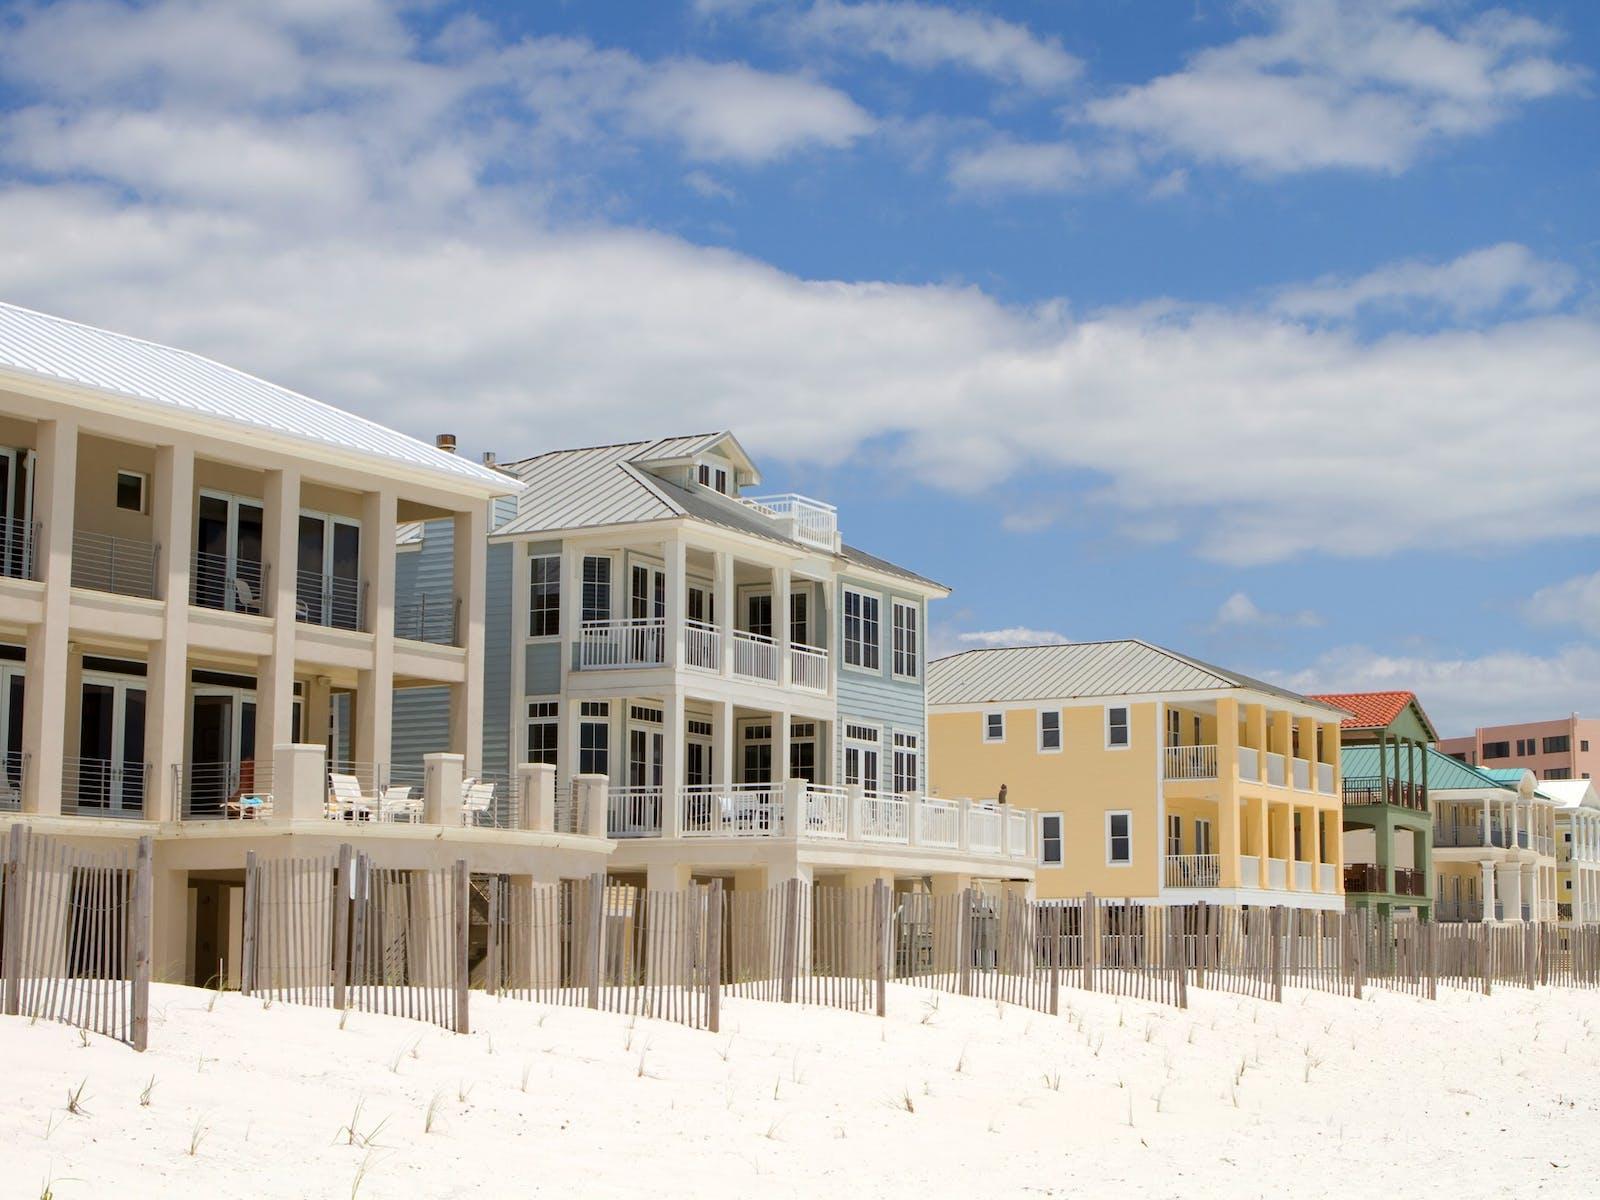 Vacation rentals located in Destin, FL